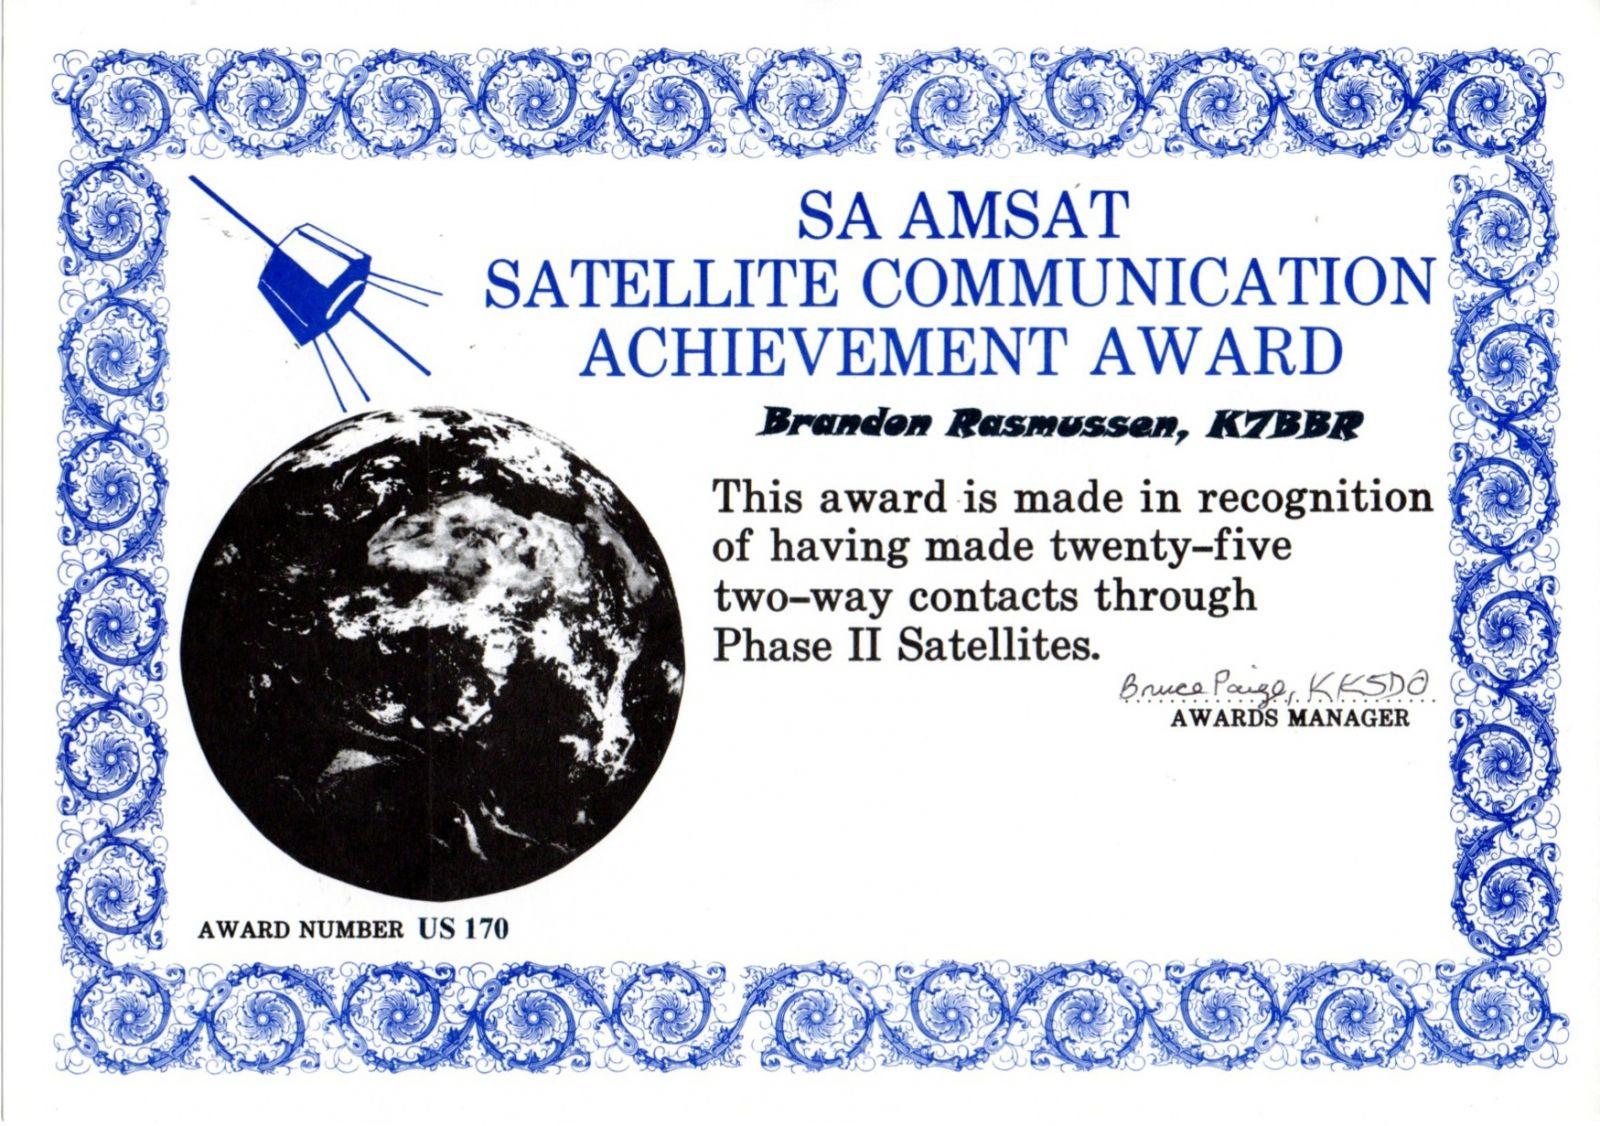 SA AMSAT Satellite Communication Achievement Award